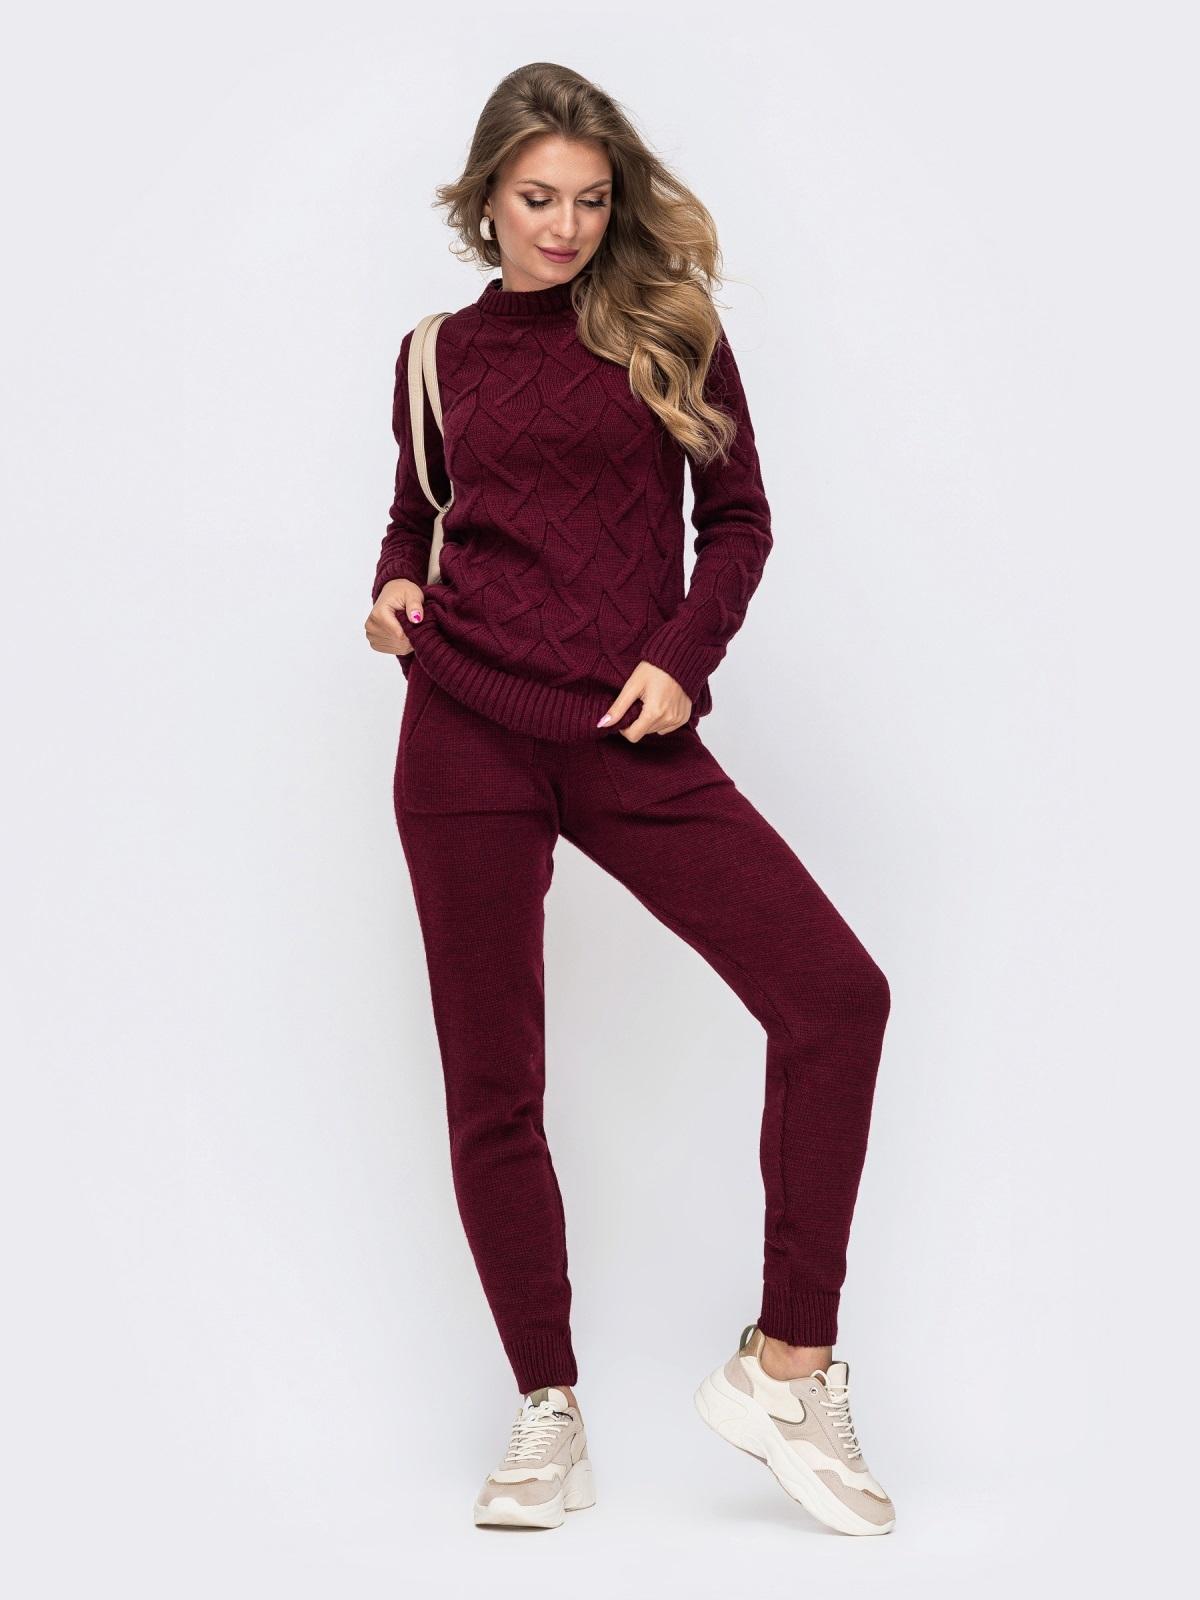 Вязаный комплект из свитера и брюк бордовый 50185, фото 1